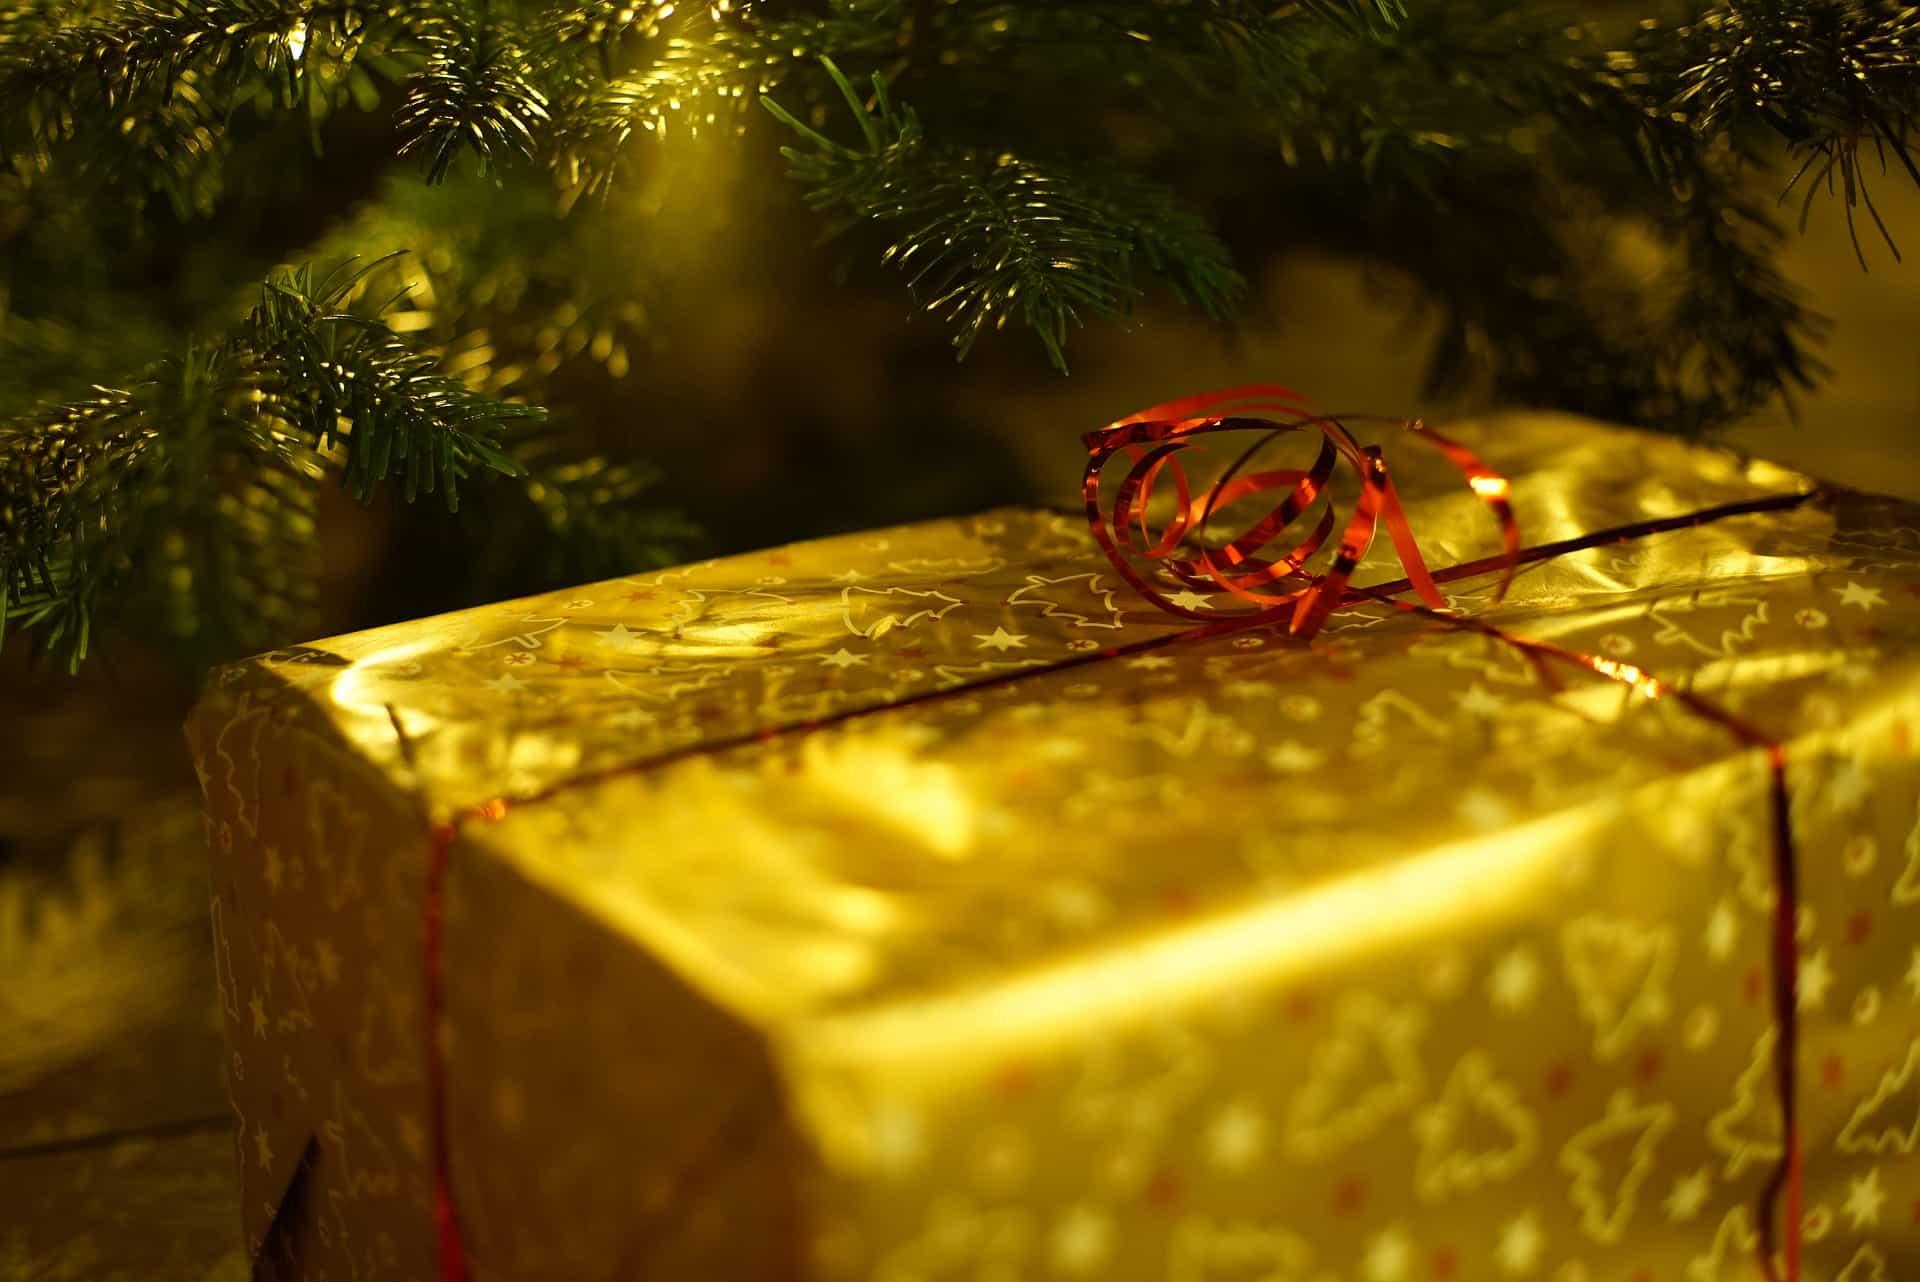 An Weihnachten gibt es Geschenke